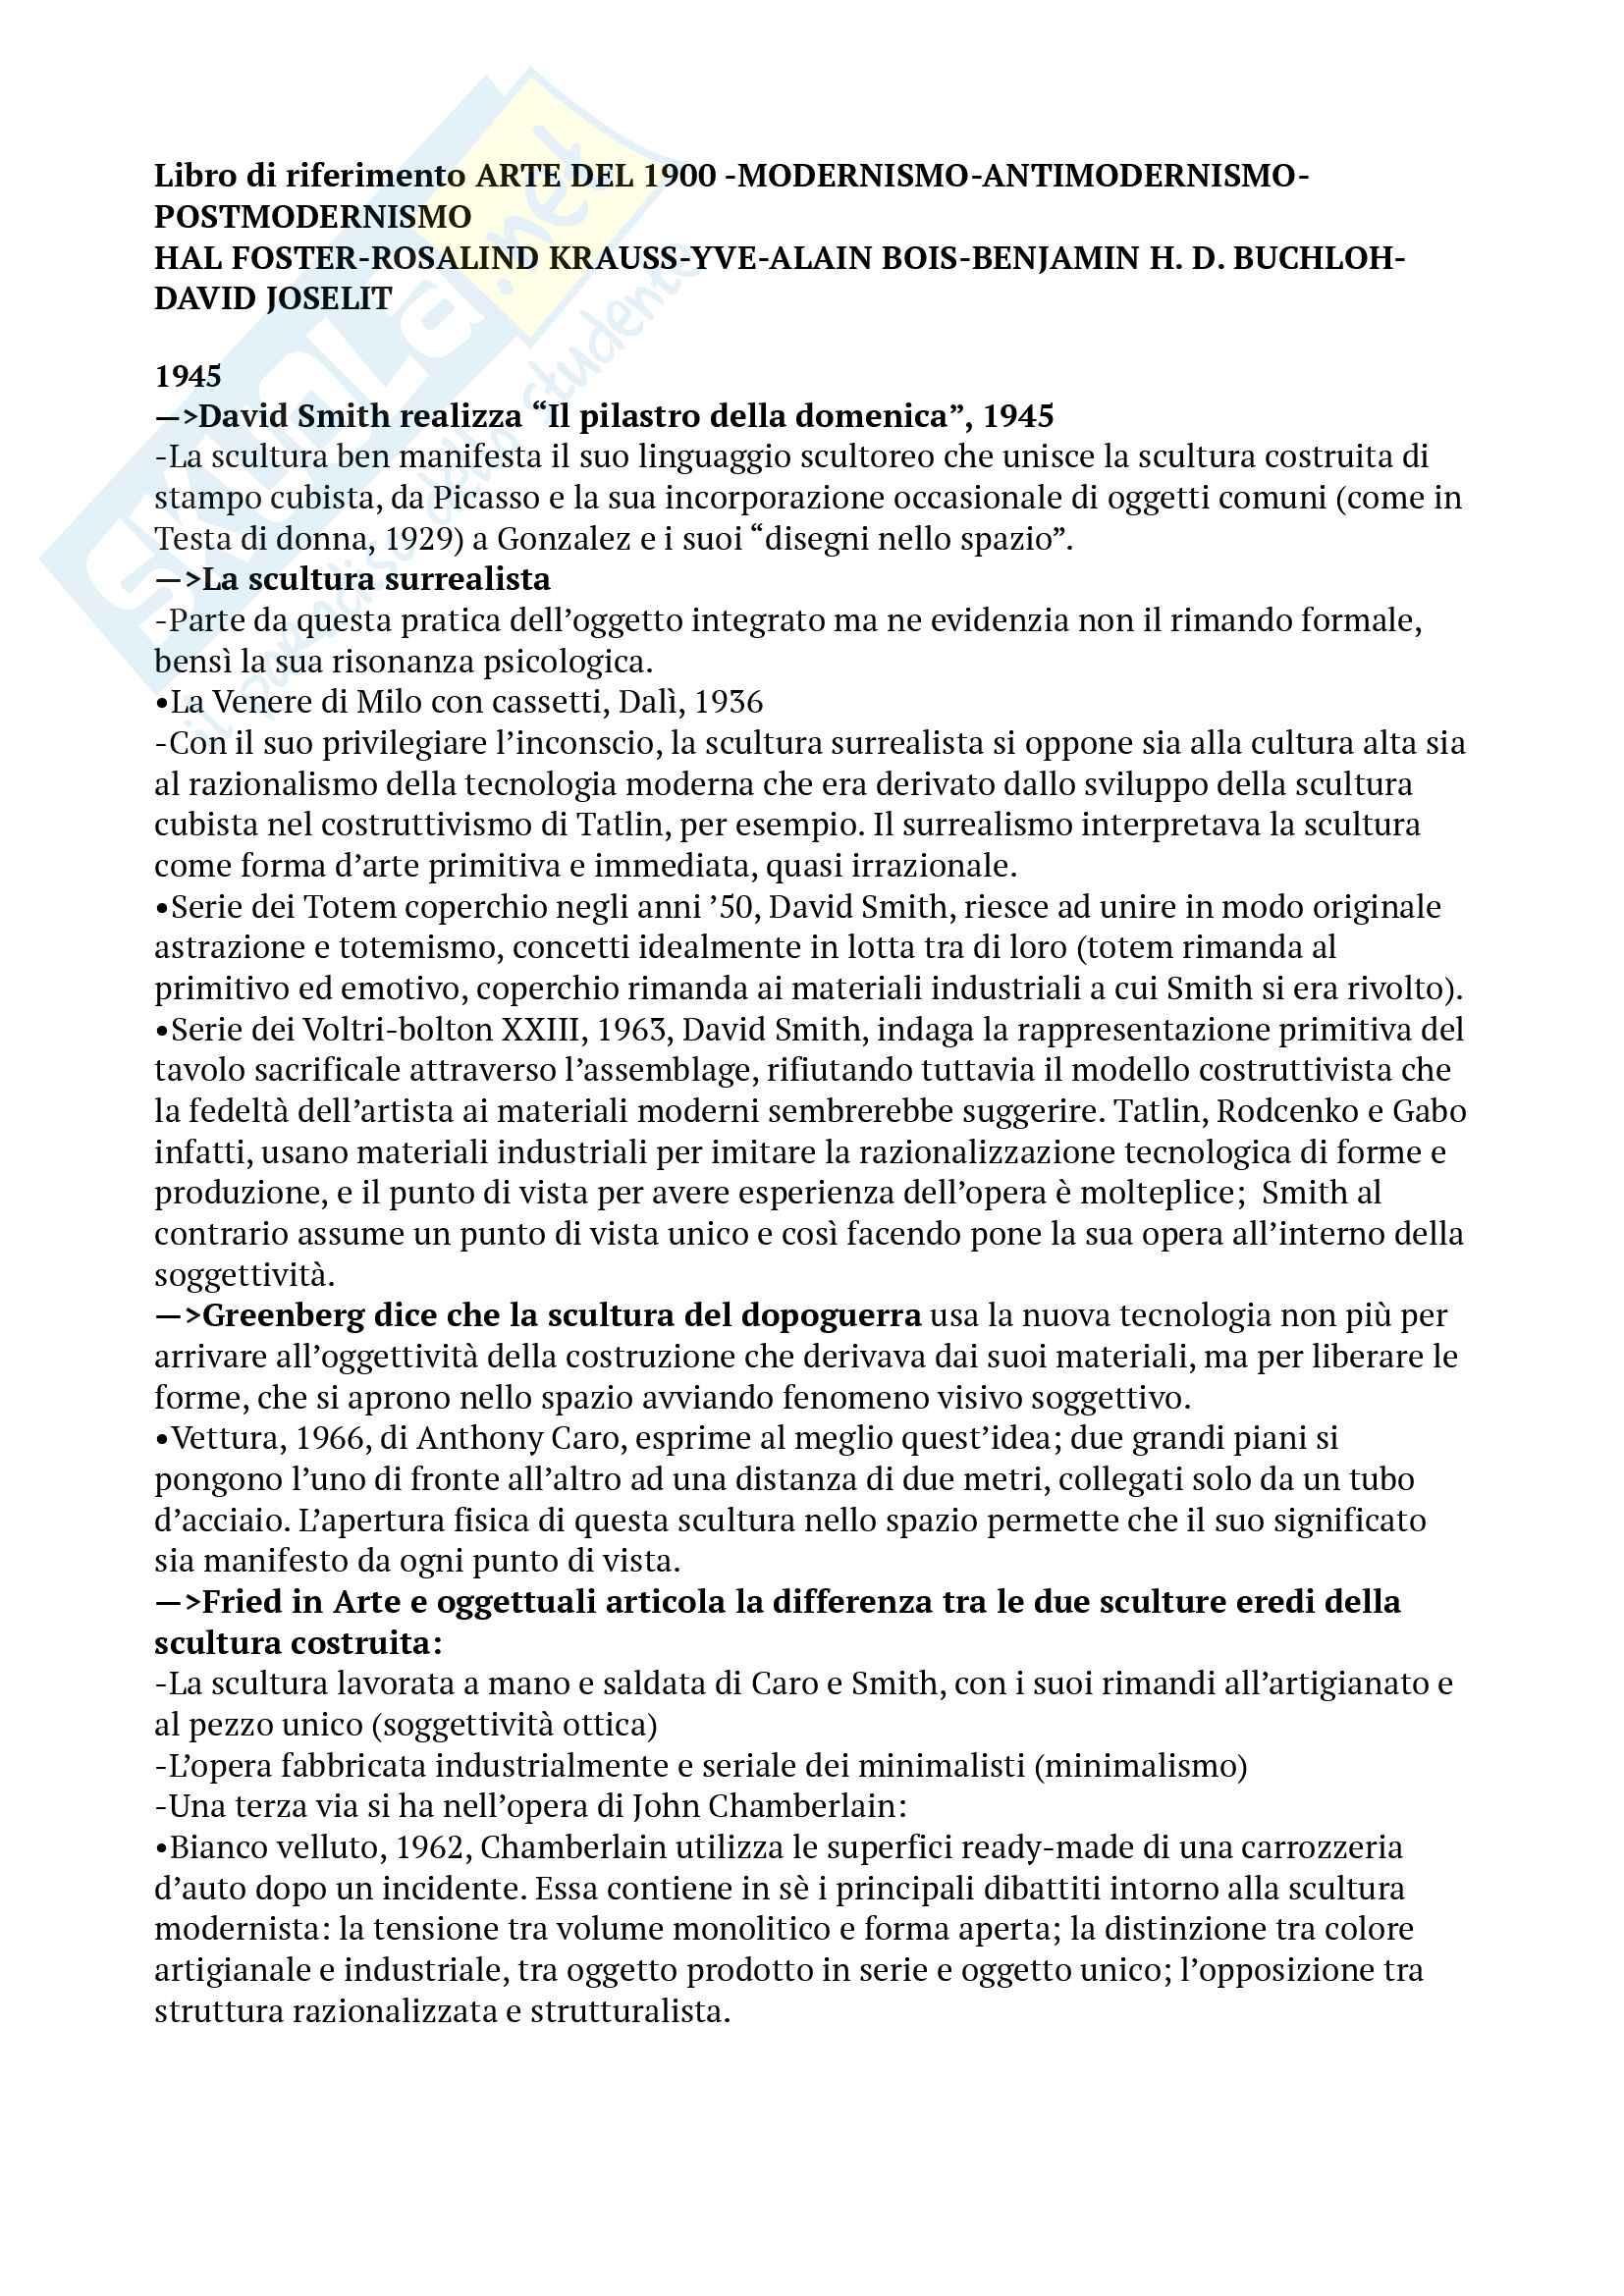 Riassunto esame storia dell'arte contemporanea, prof. Pinto, libro consigliato Arte dal 1900, Modernismo, Antimodernismo, Postmodernismo; seconda parte (1945-2010), Foster, Krauss, Bois, Buchloh, Joselit, seconda edizione